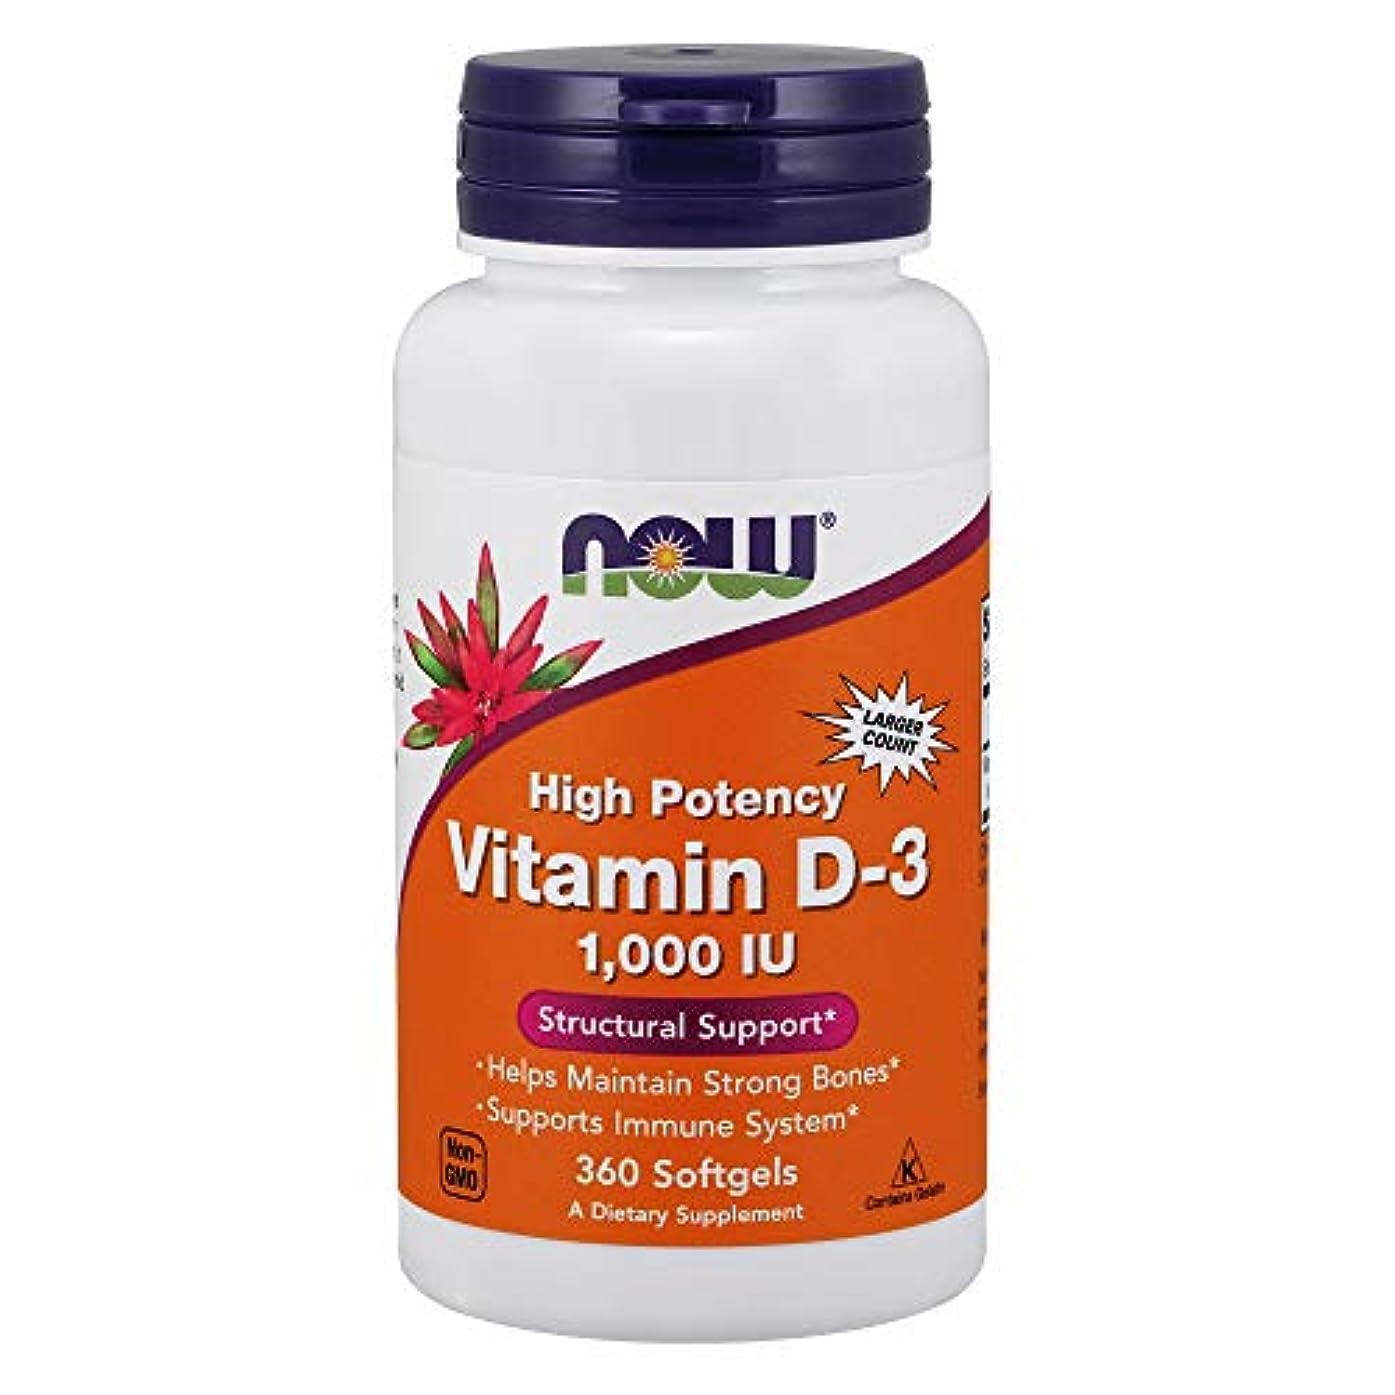 [海外直送品] ナウフーズ   Vitamin D-3 360 Softgels 1000 IU